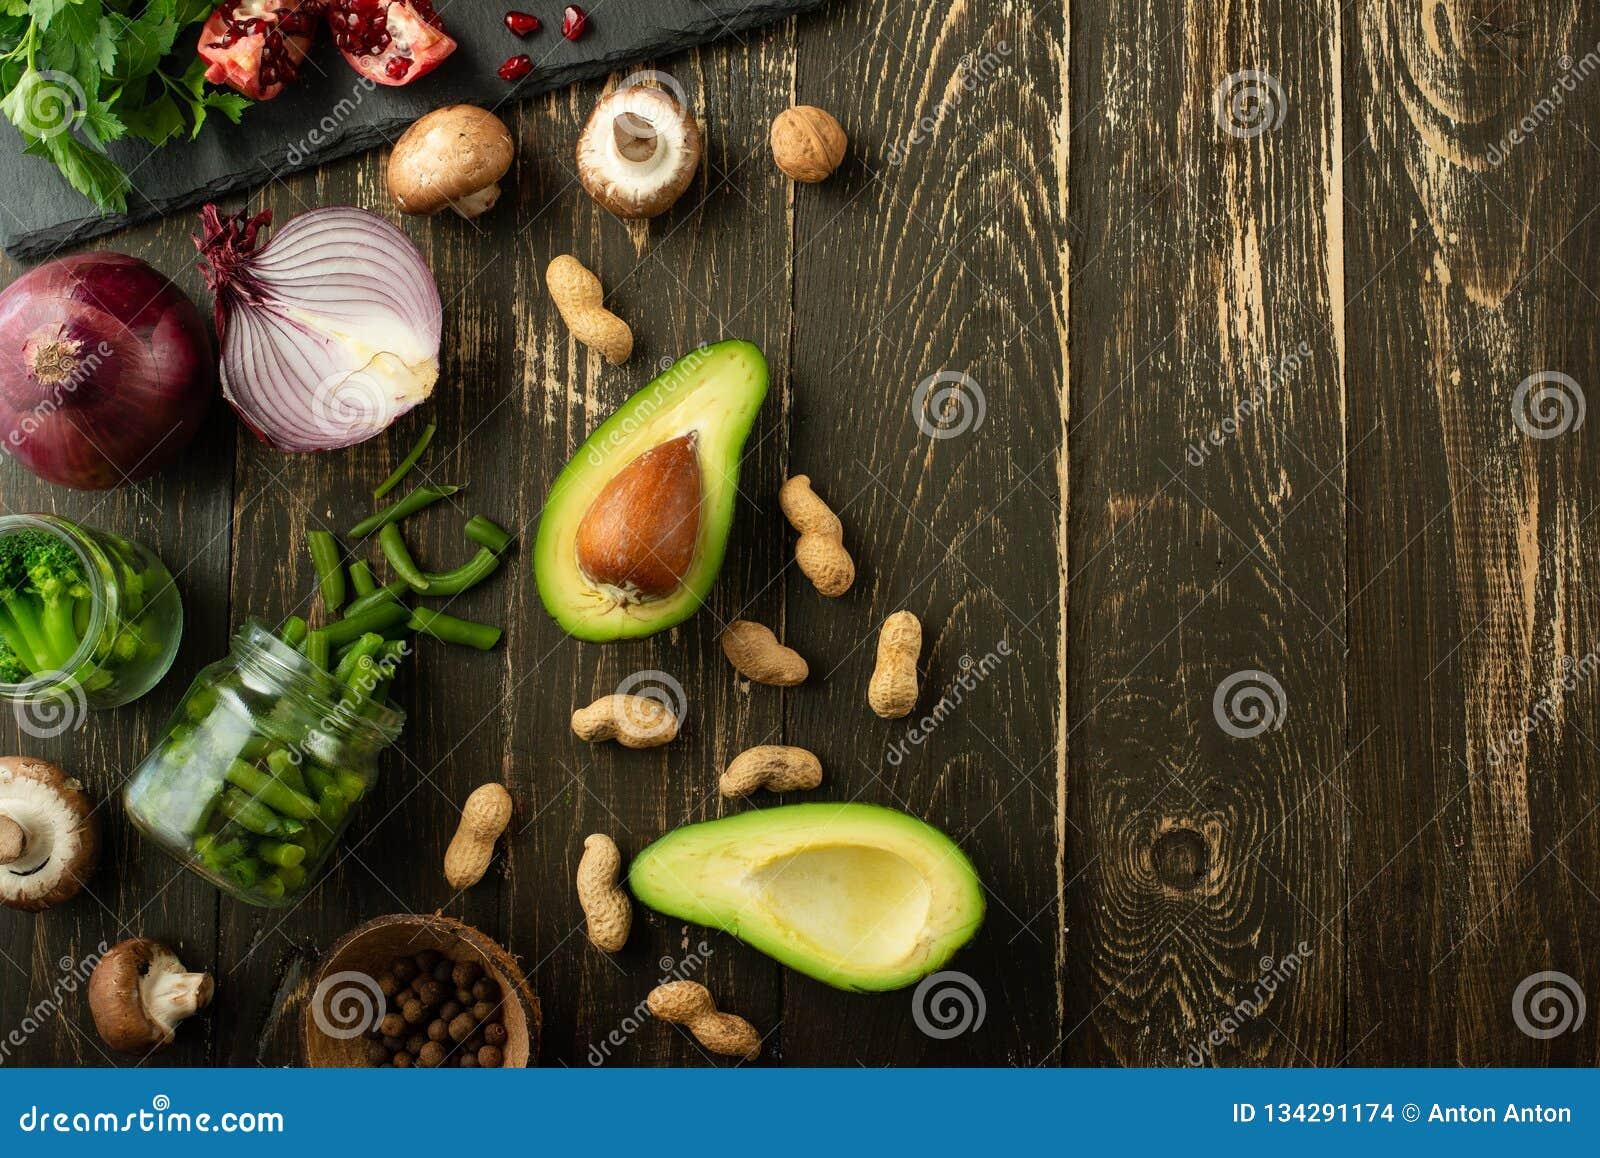 Veganistvoedsel, detox, avocado, fruit, slabonen, broccoli, noten en paddestoelen Dieet en gezond voedsel, vitaminen en sporten V